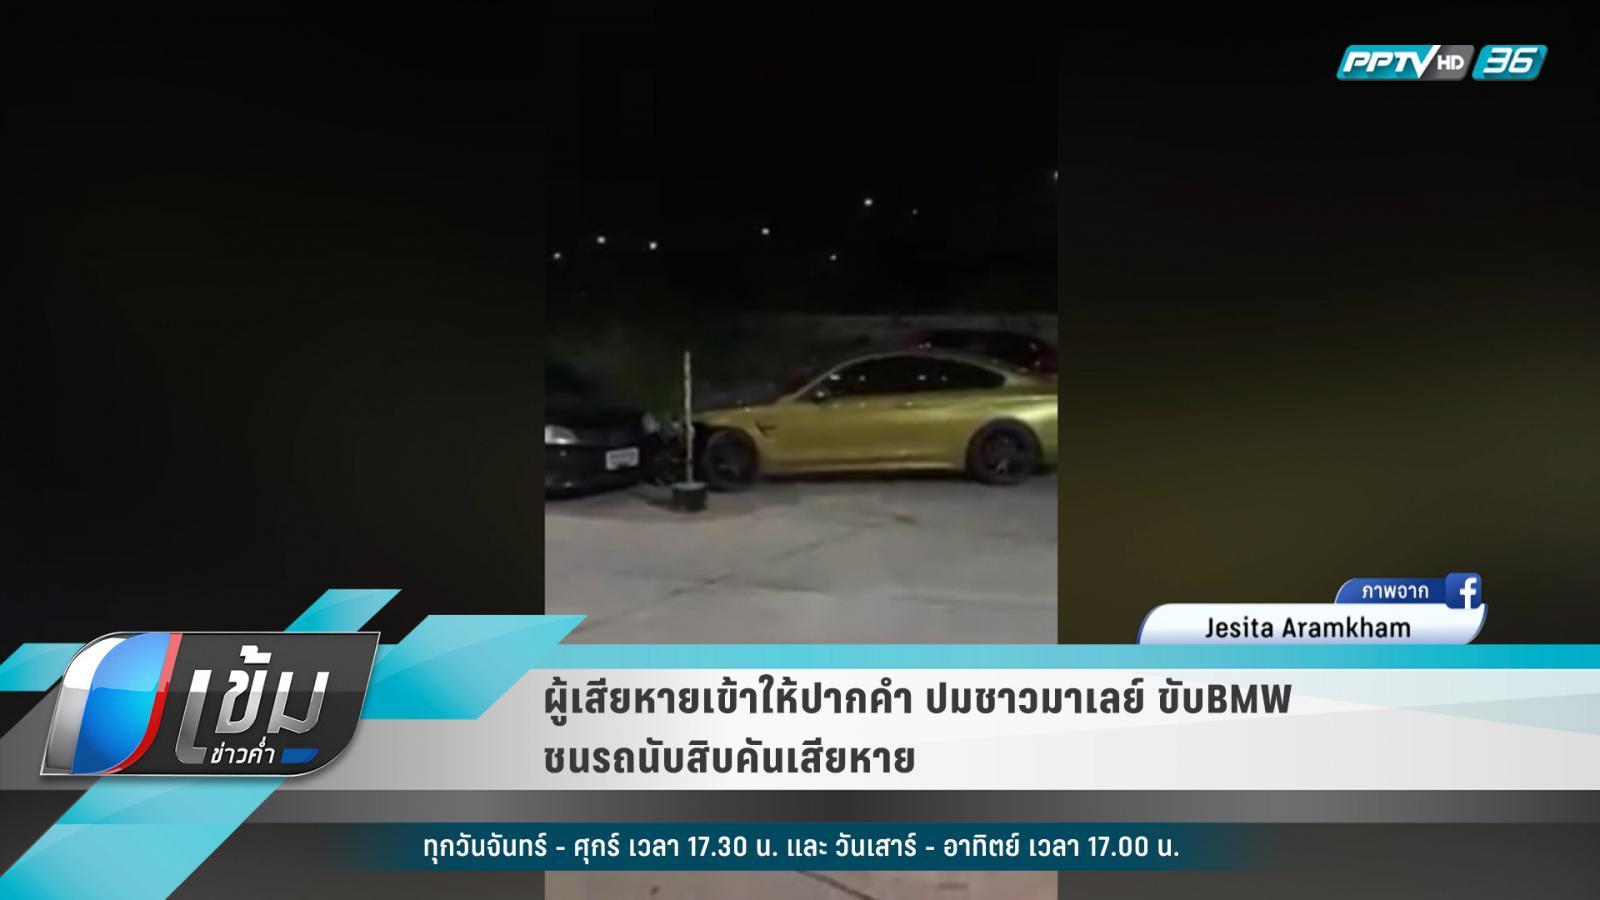 จ่อแจ้ง 3 ข้อหา ชาวมาเลย์ขับ BMW ชนรถนับสิบคันเสียหาย